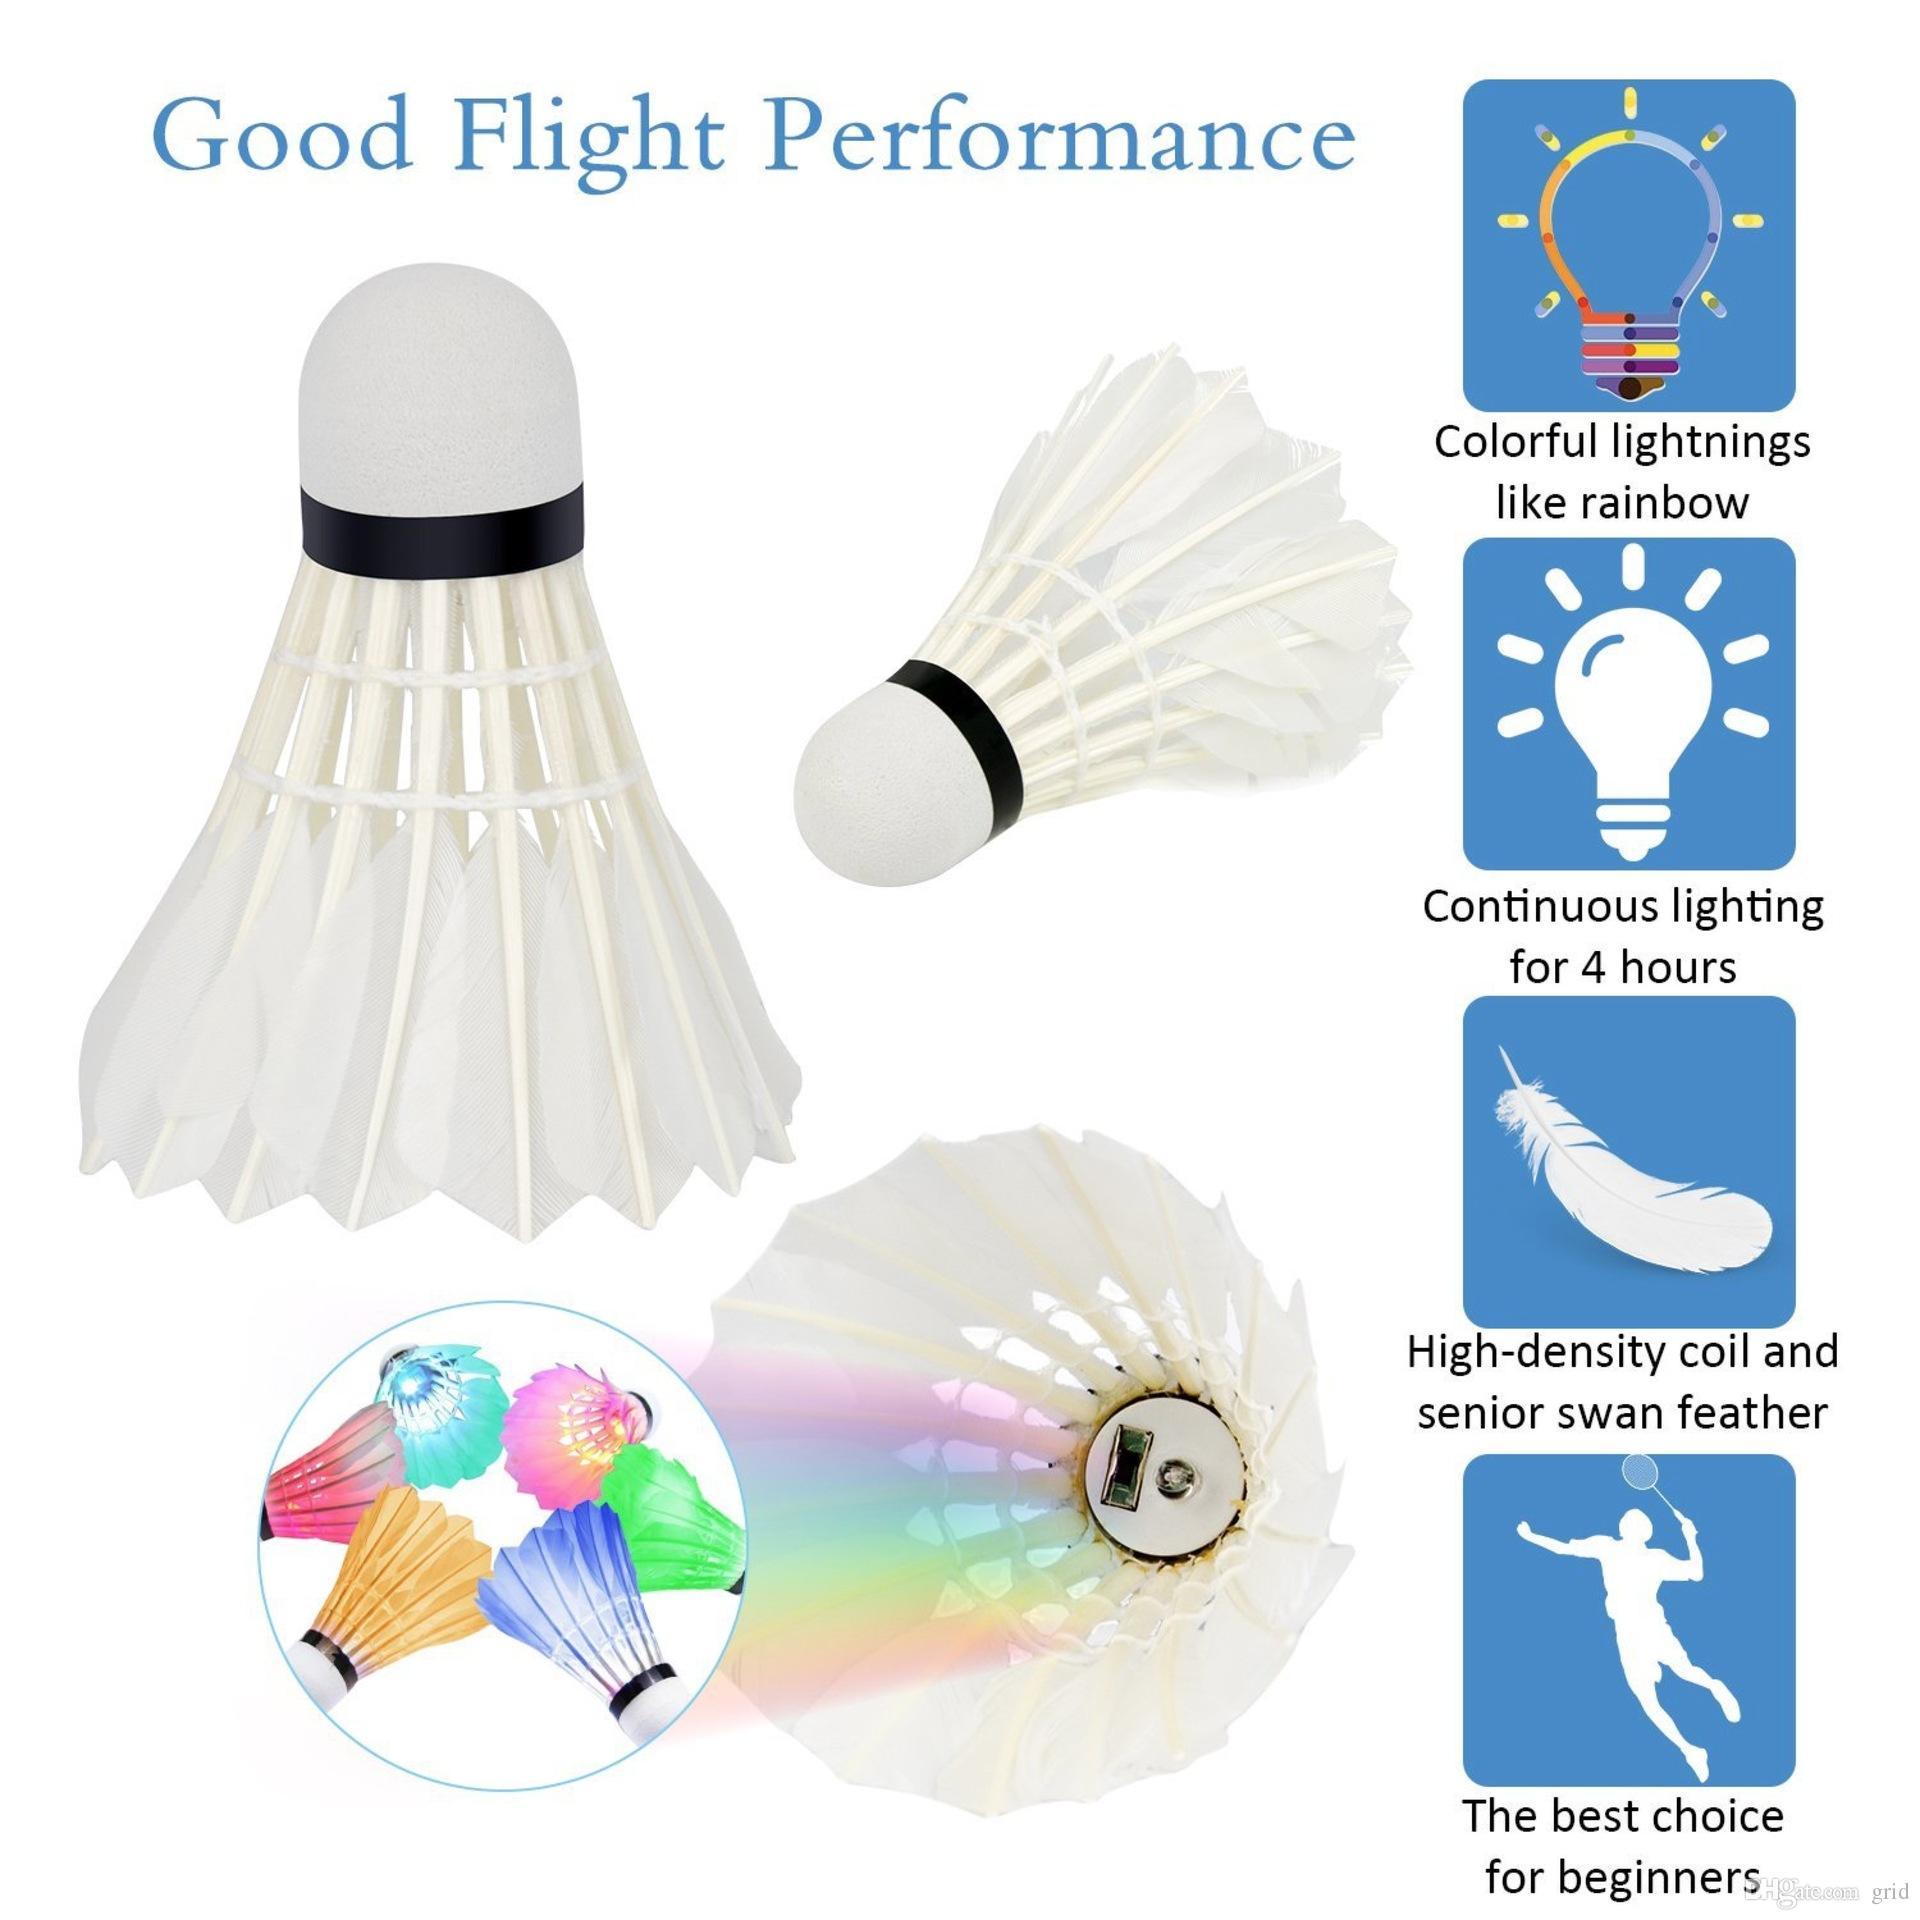 Gros LED Badminton Volant Birdies Éclairage LED Lumière Badminton Rouge Bleu Vert Lampe De Poche Nouveauté Éclairage Coloré Badminton